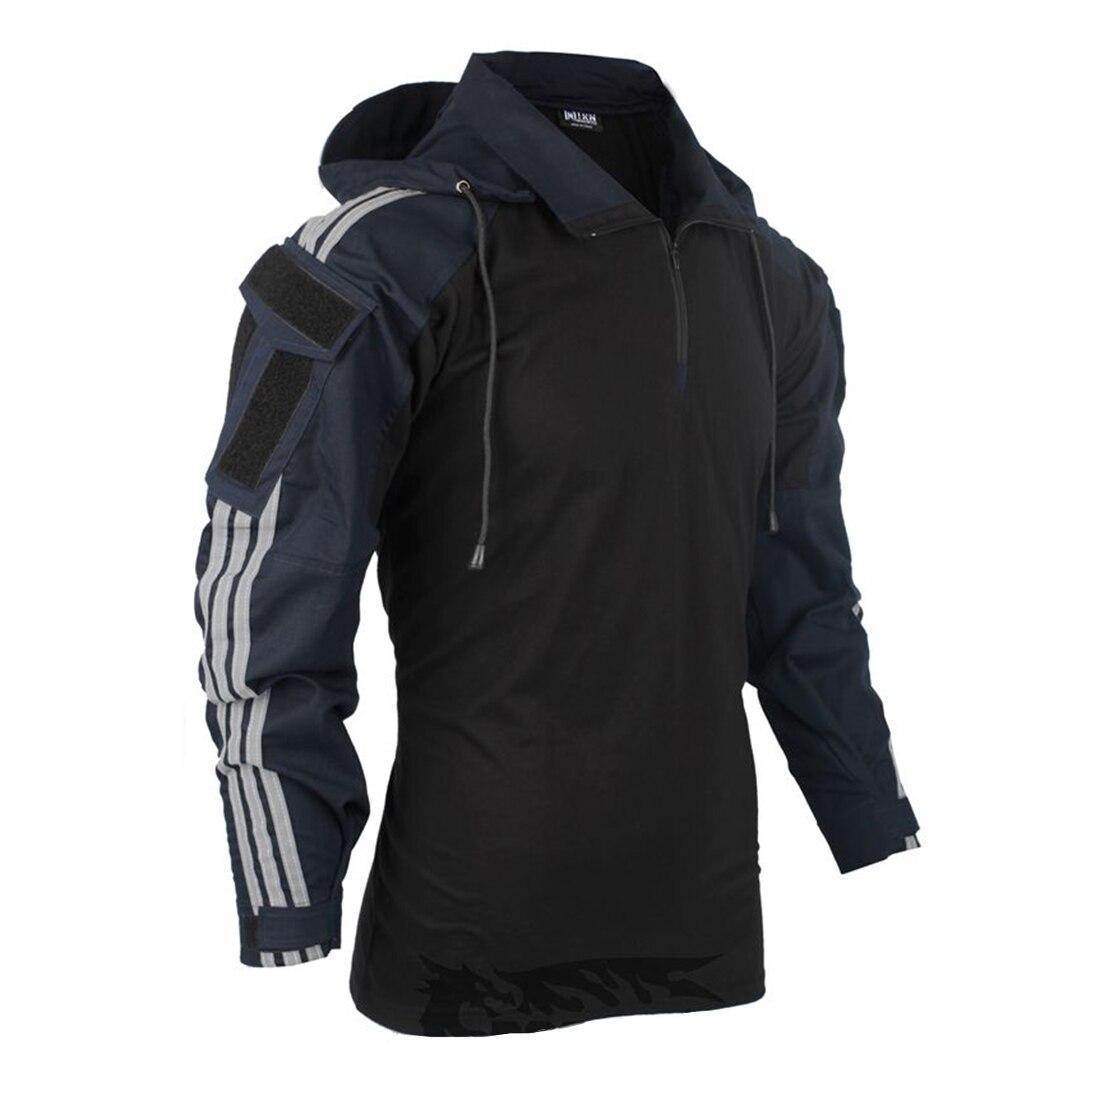 BACRAFT Long Sleeve Tactical Shirt - Dark Blue XS/S/M/L/XL/XXL